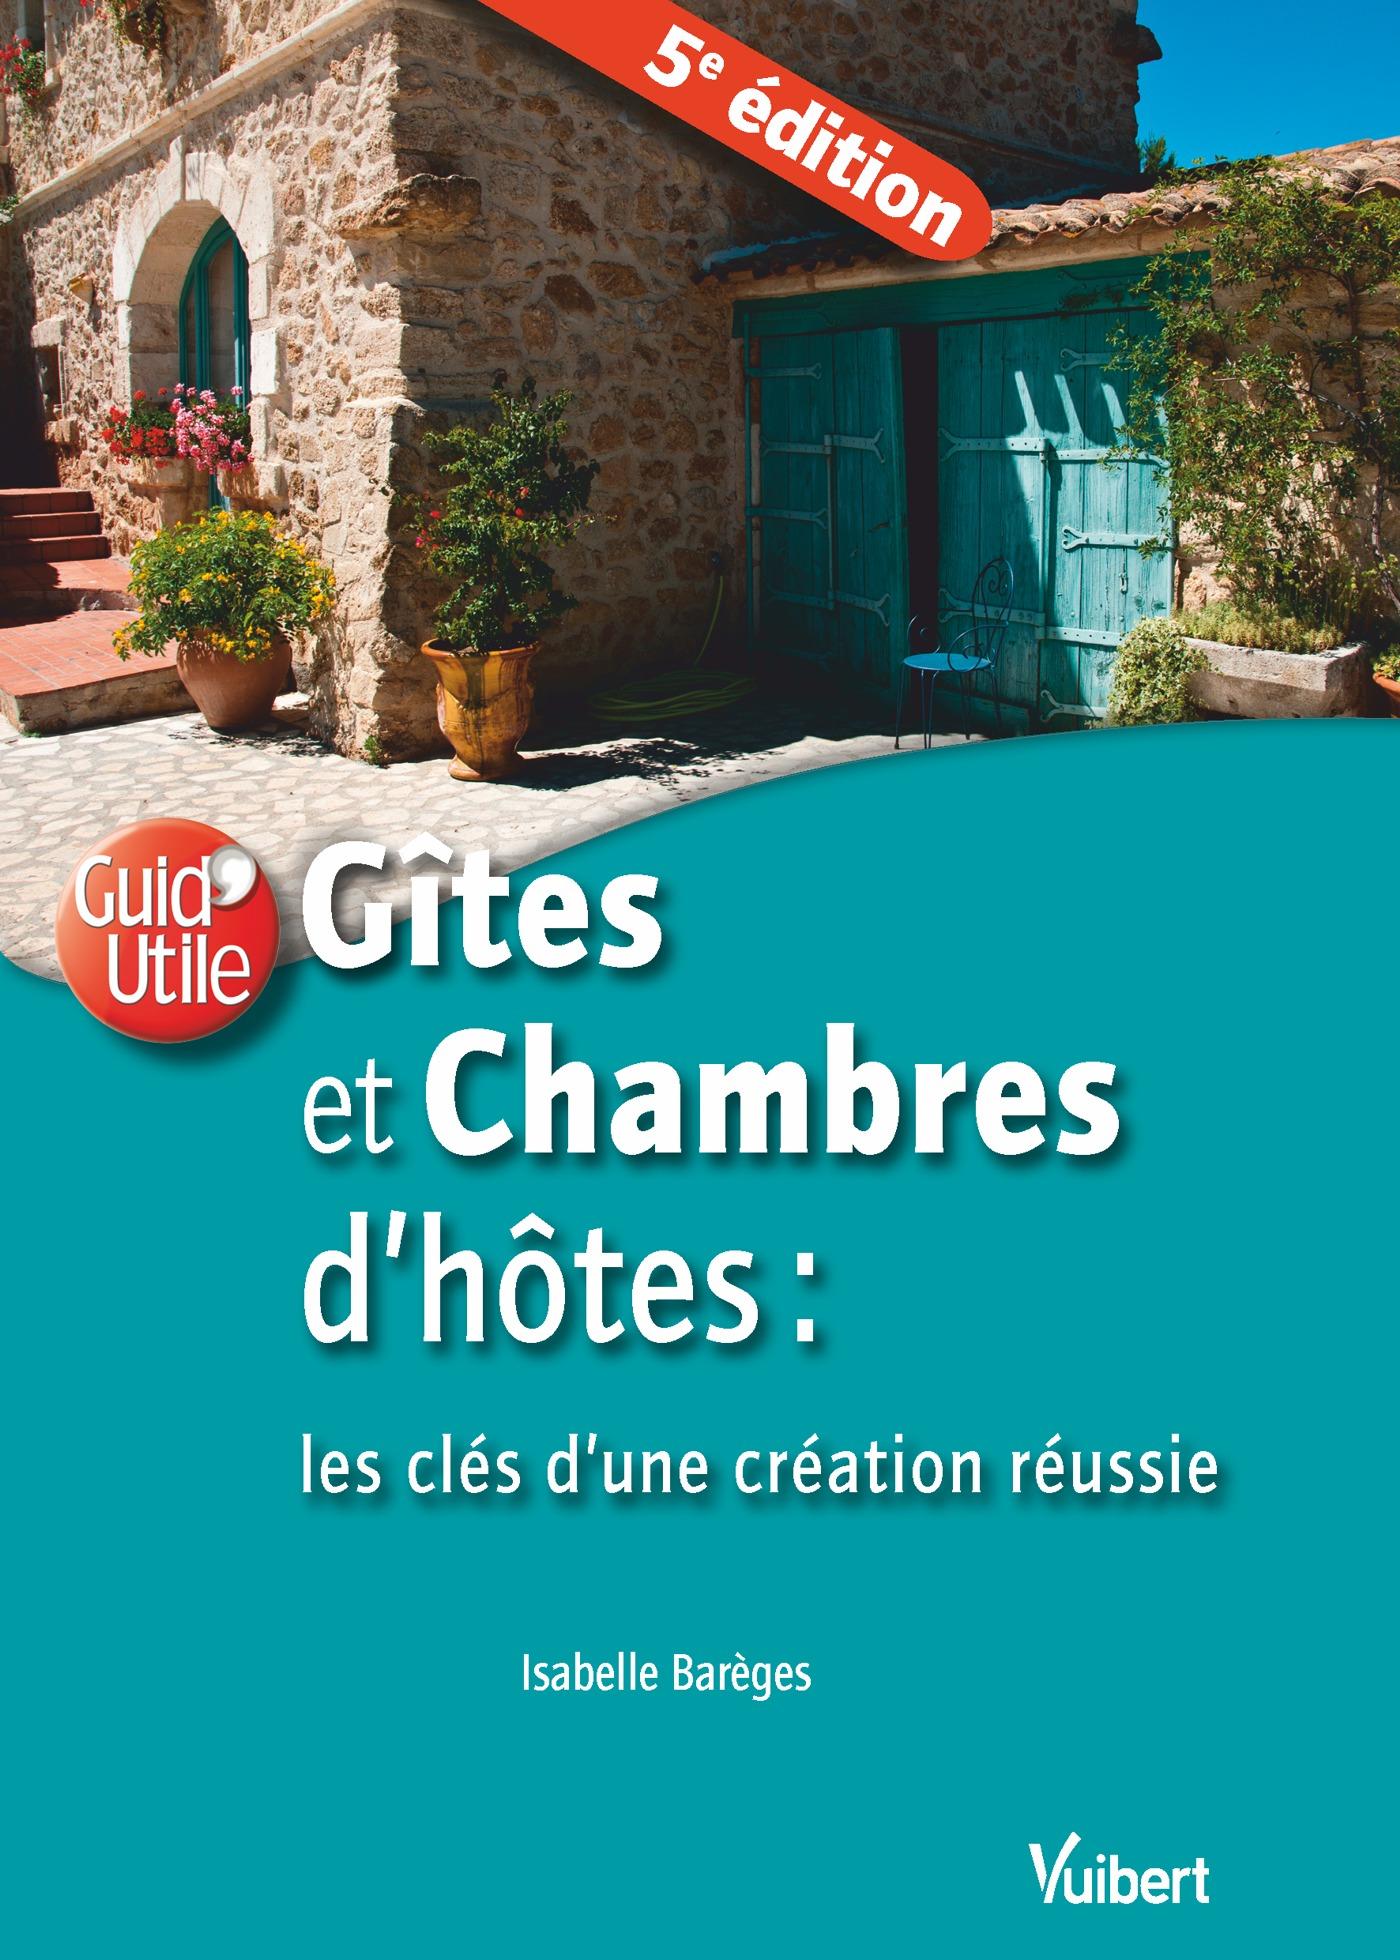 GU*GÎTES ET CHAMBRES D'HÔTES-LN-EPUB